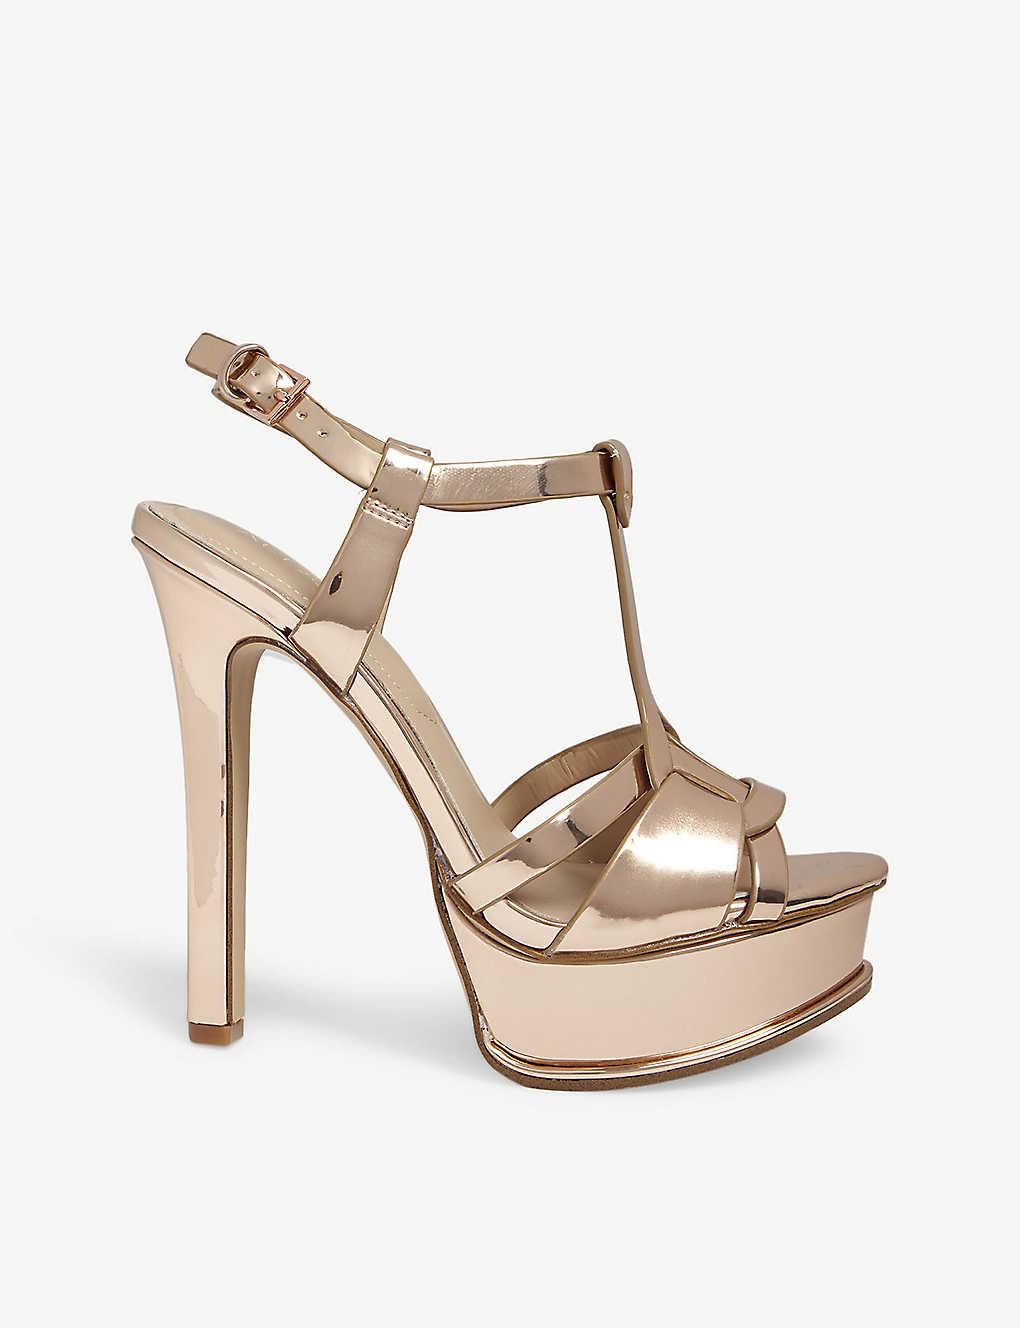 0211d94a8436 ALDO - Chelly high heel sandals